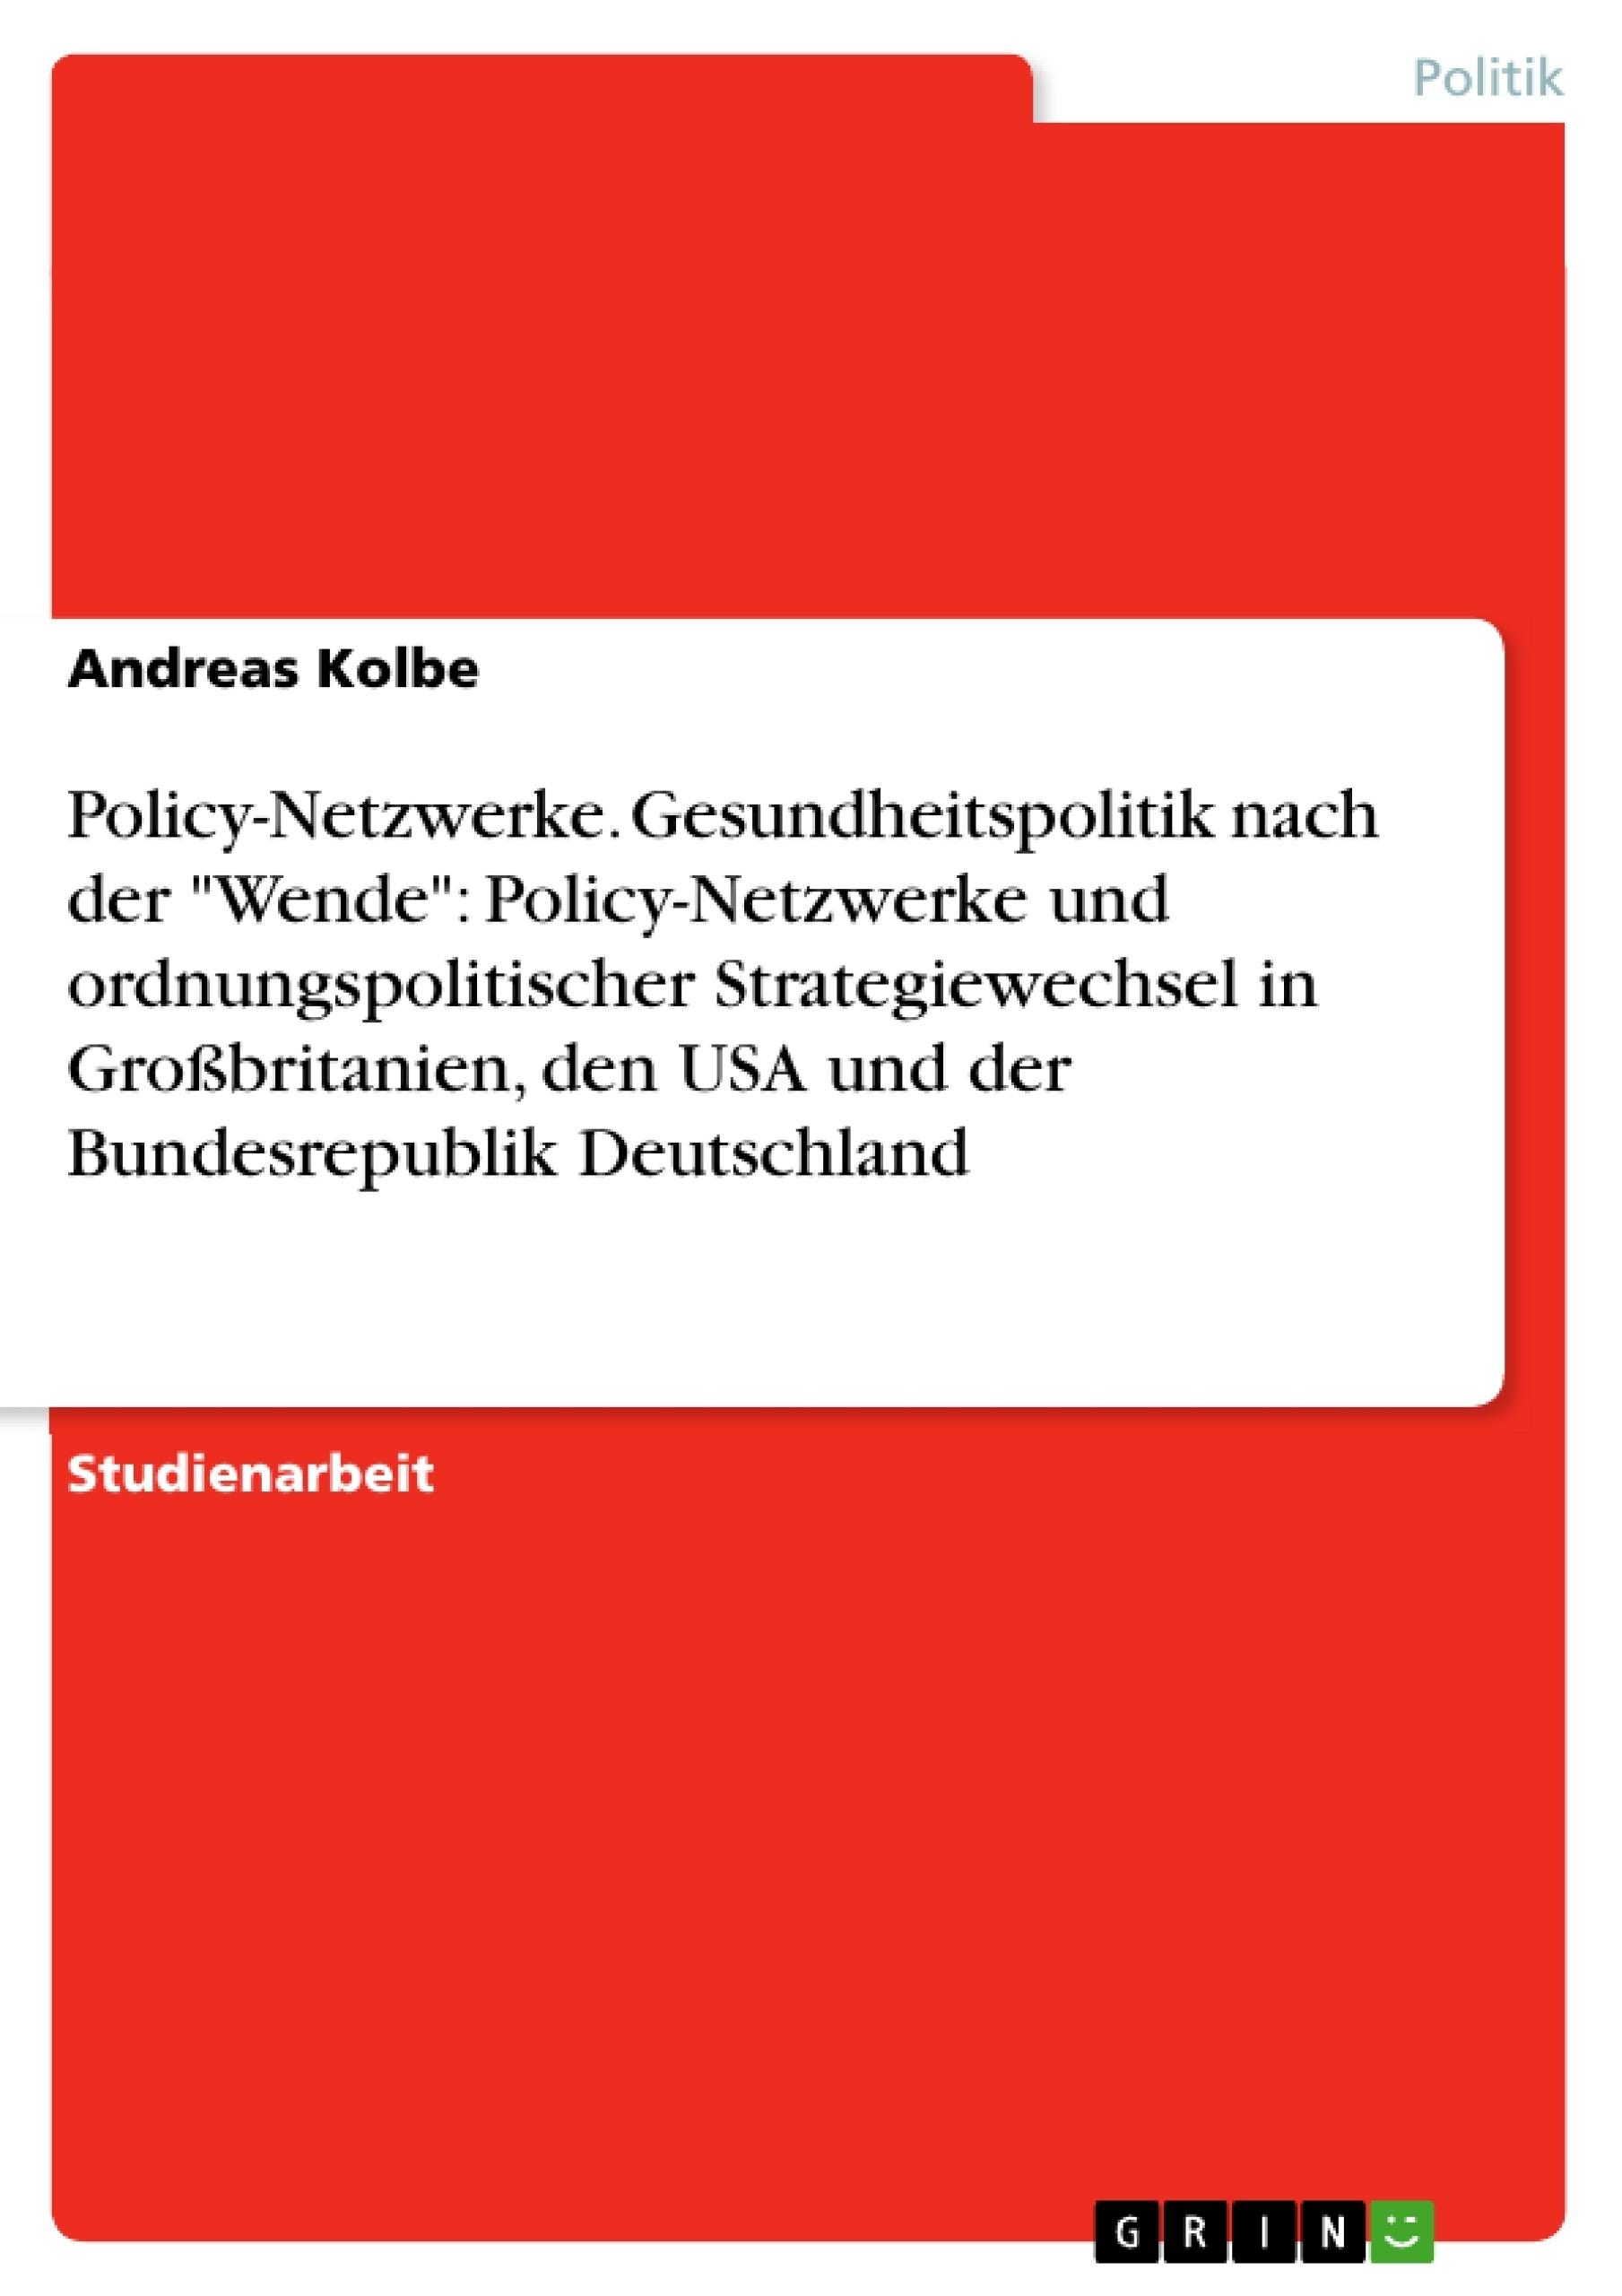 """Titel: Policy-Netzwerke. Gesundheitspolitik nach der """"Wende"""": Policy-Netzwerke und ordnungspolitischer Strategiewechsel in Großbritanien, den USA und der Bundesrepublik Deutschland"""